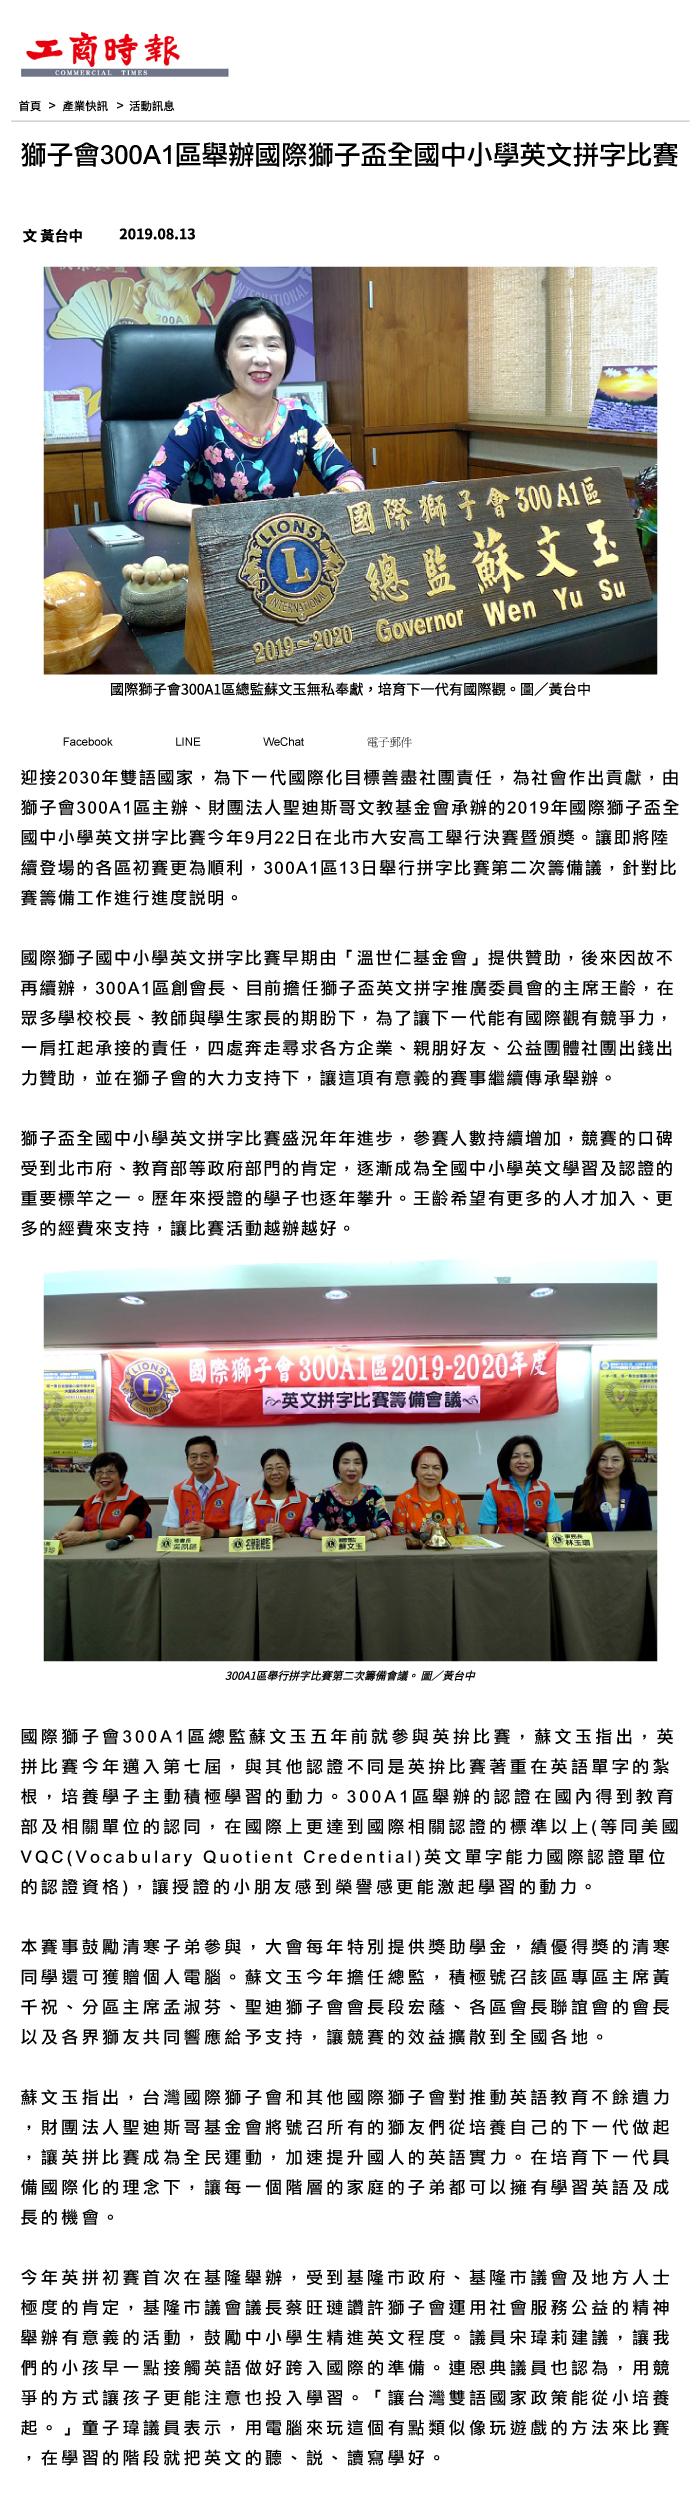 獅子會300A1區舉辦國際獅子盃全國中小學英文拼字比賽---工商時報